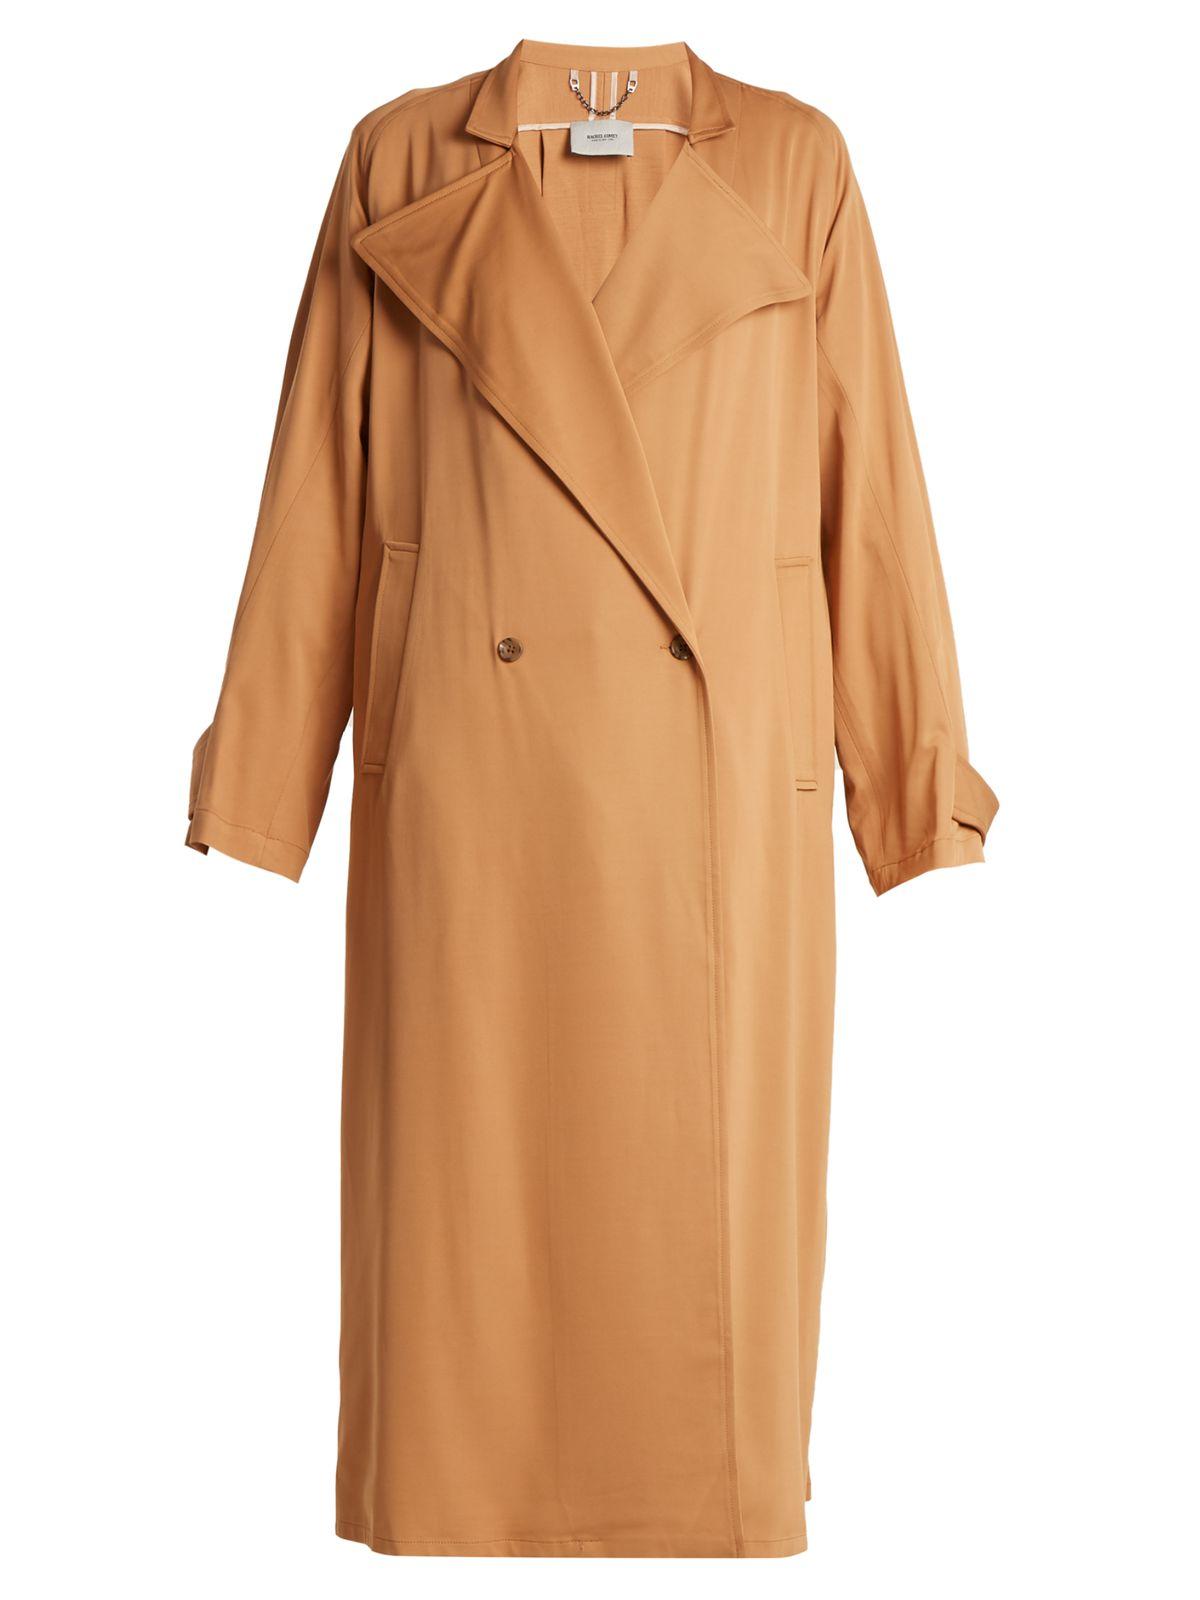 Rachel Comey Shameless Trench Coat, $759